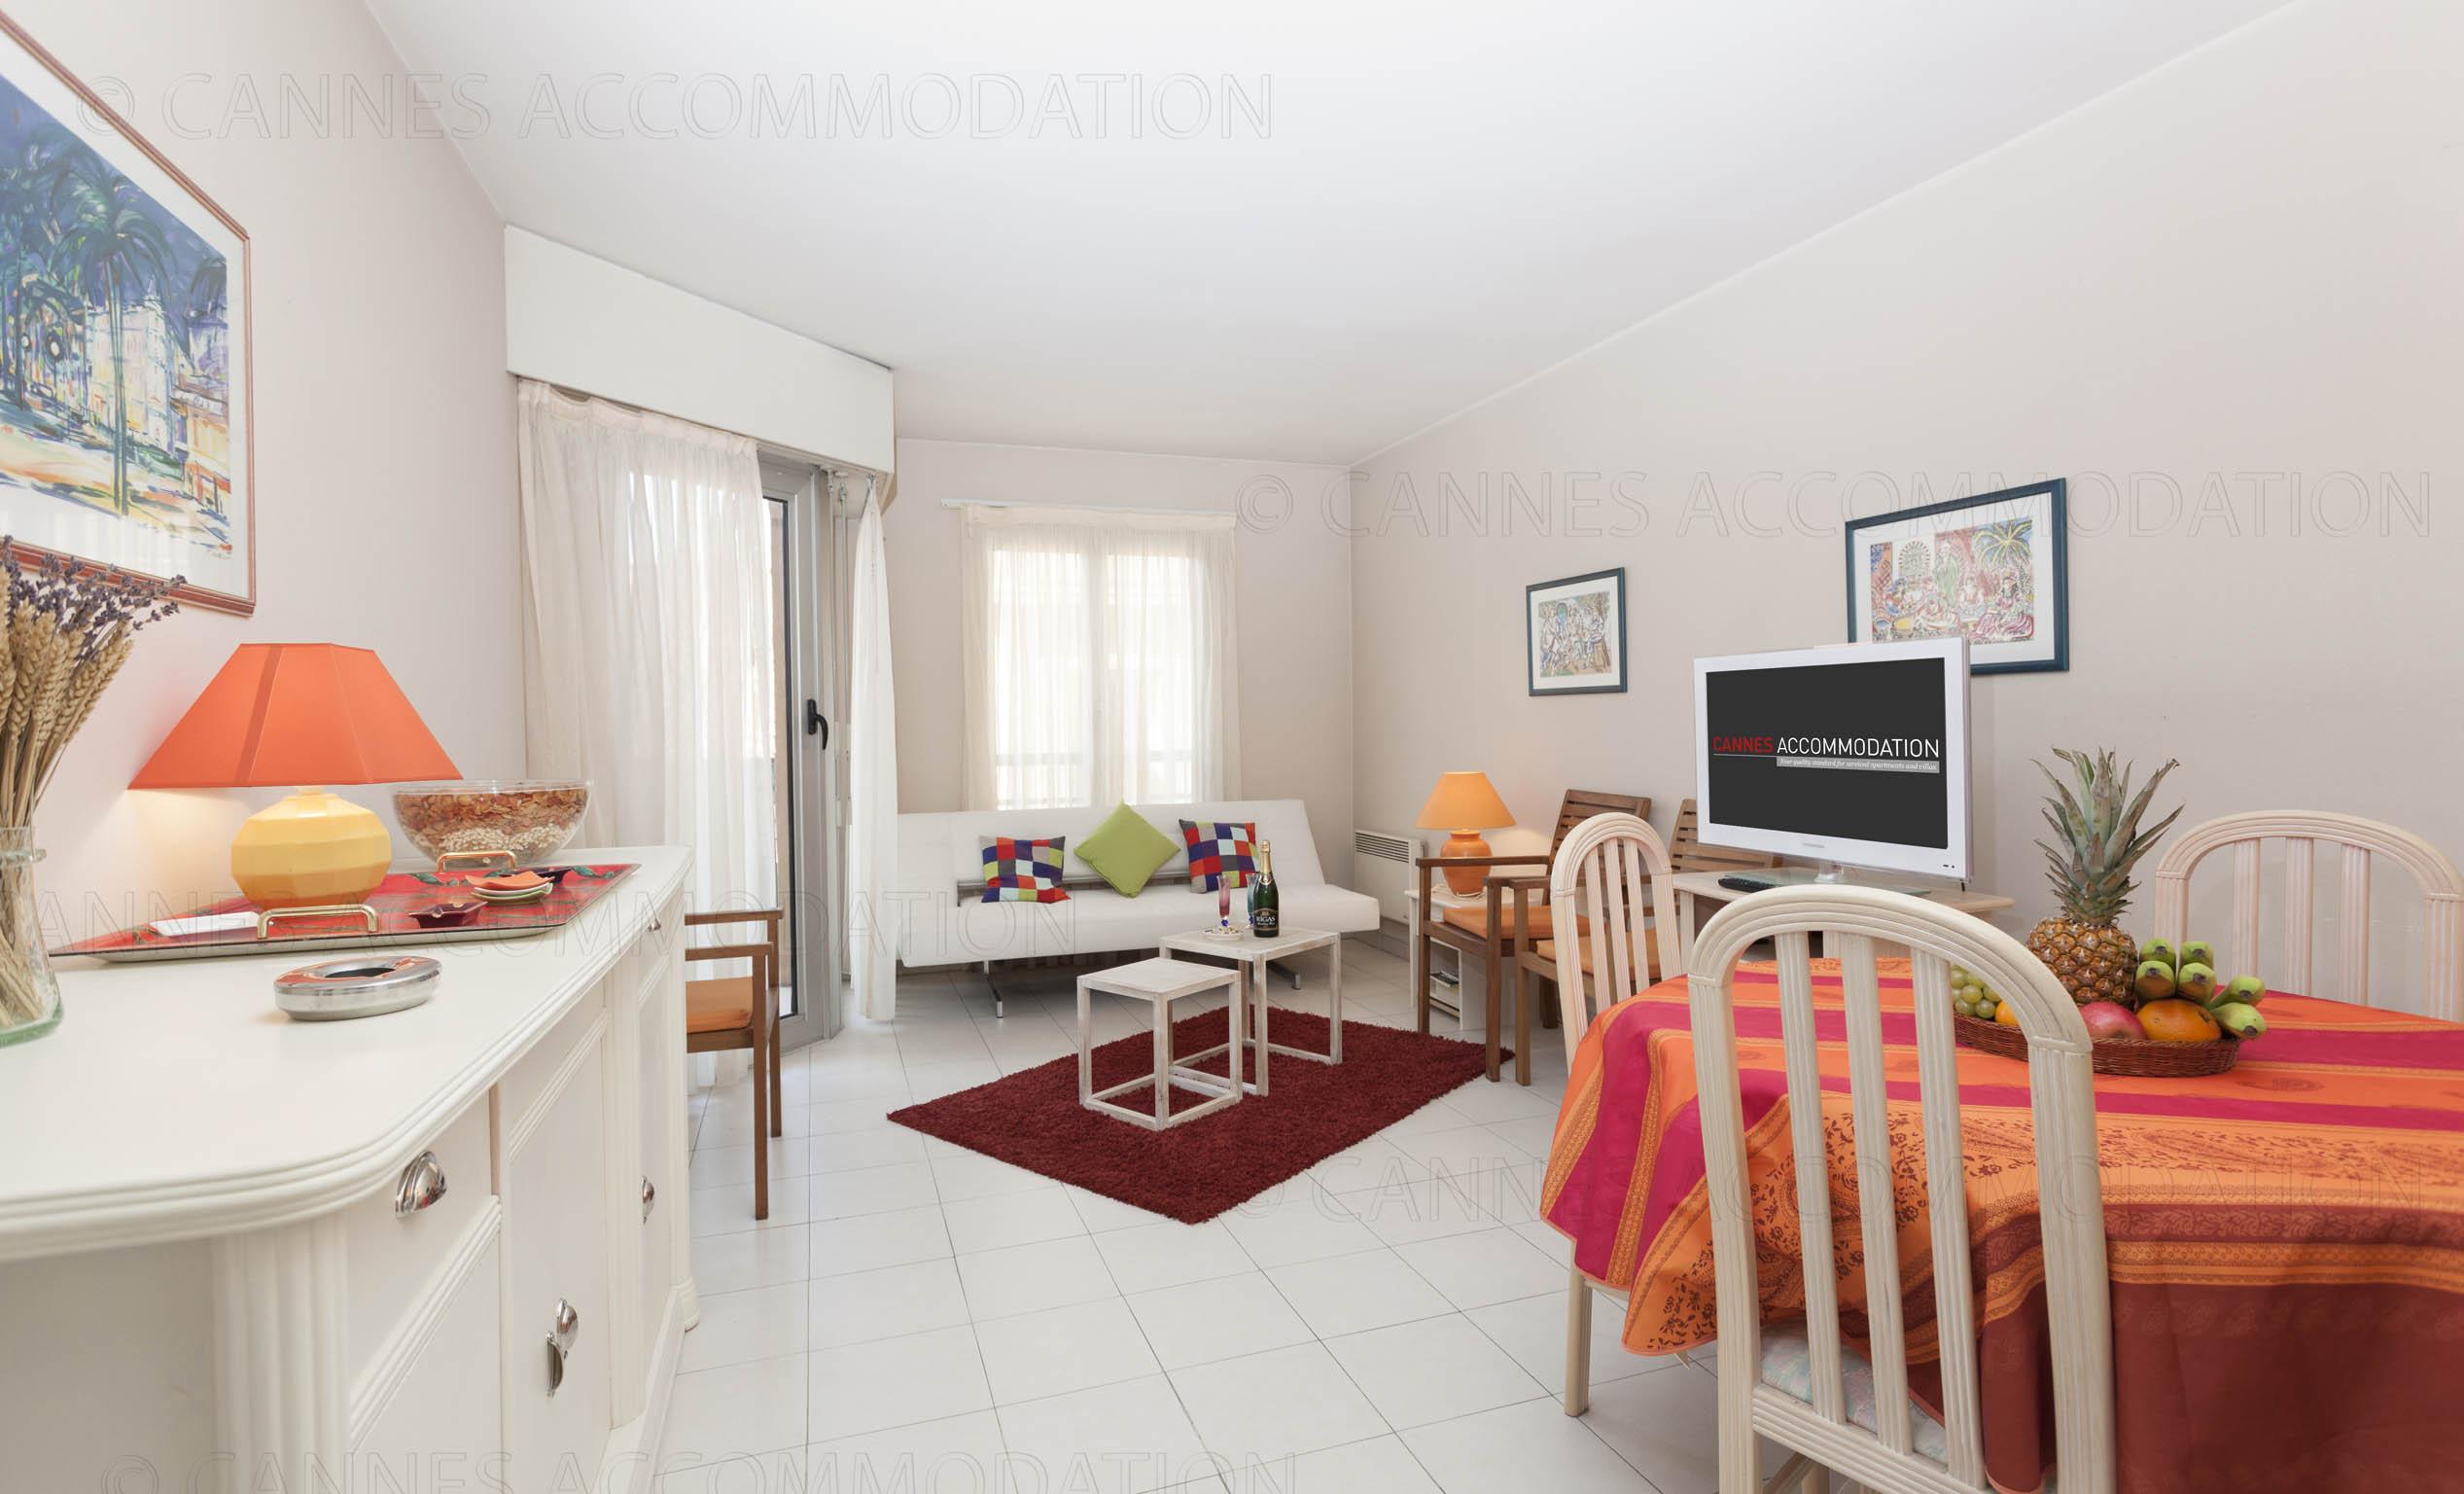 Appartement 1 chambre louer cannes proche palais for Appartement 1 chambre a louer